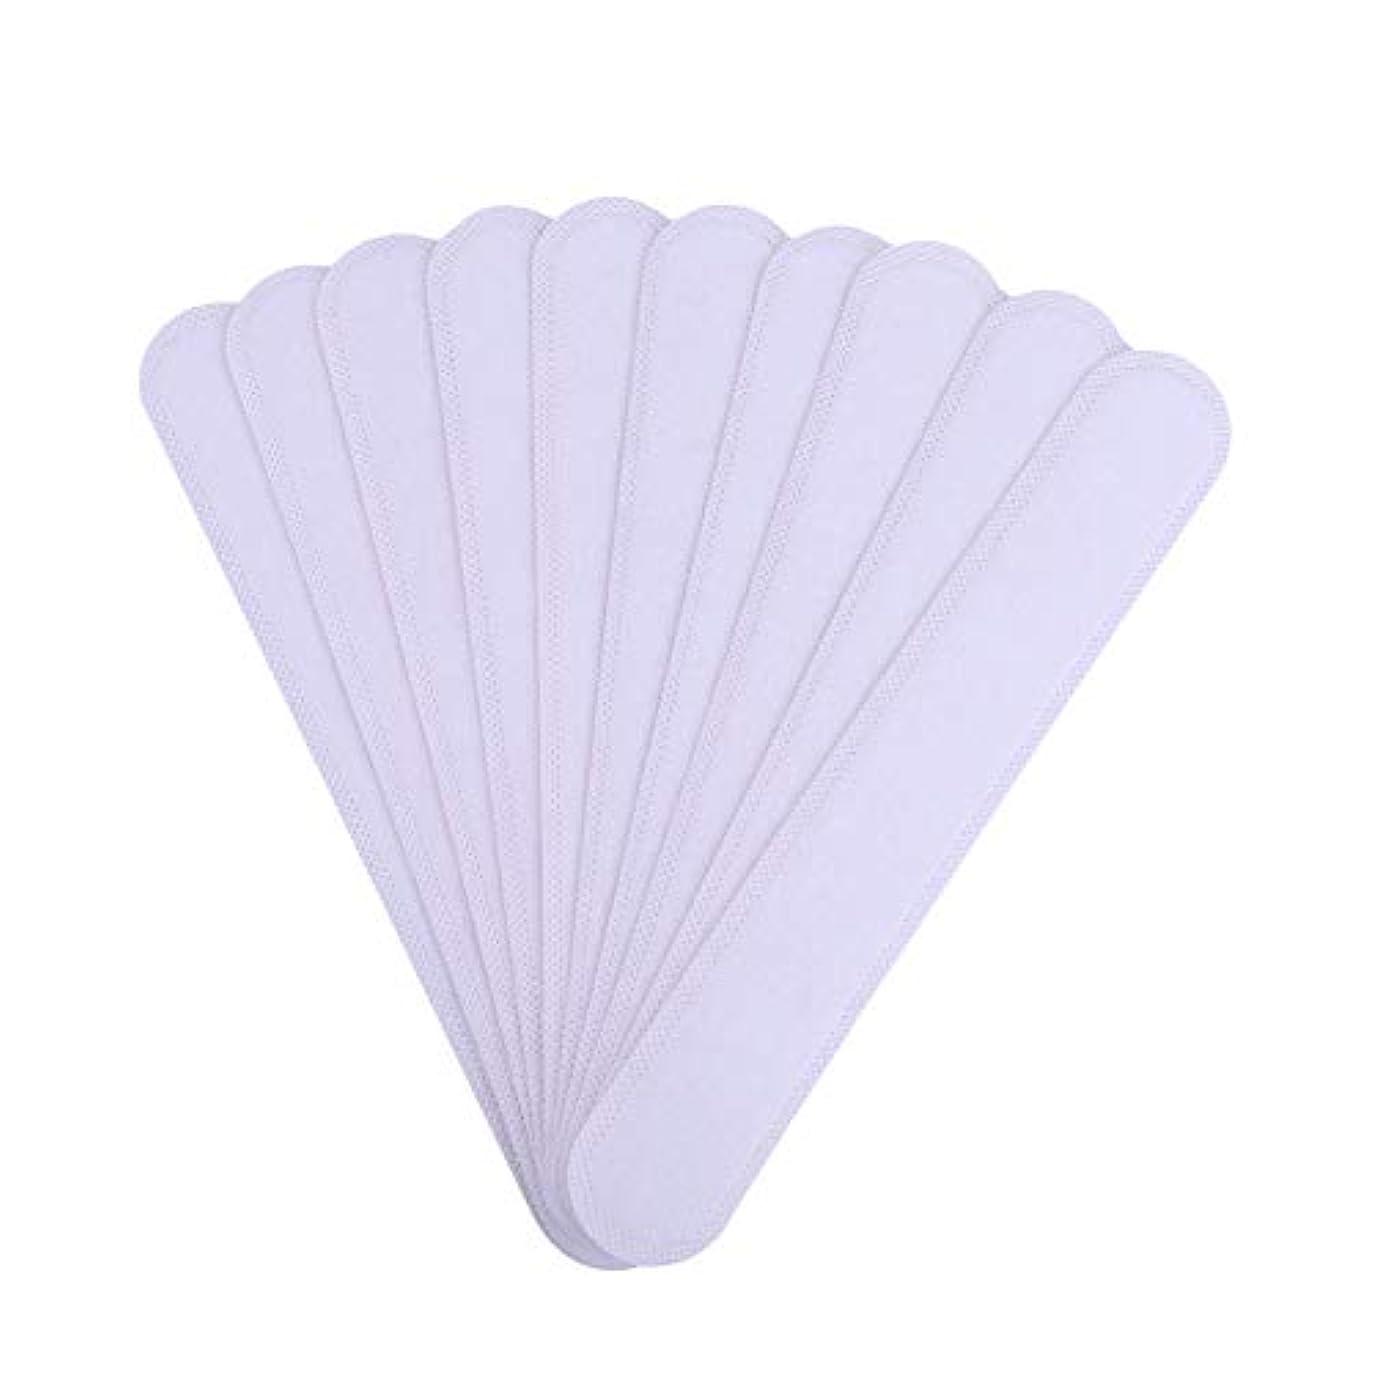 学者静けさ下着AMAA バッド 10枚入 使い捨てタイプ Yシャツ 帽子 汗染み 汗跡 予防 カラーネックライナーパッド (10枚)